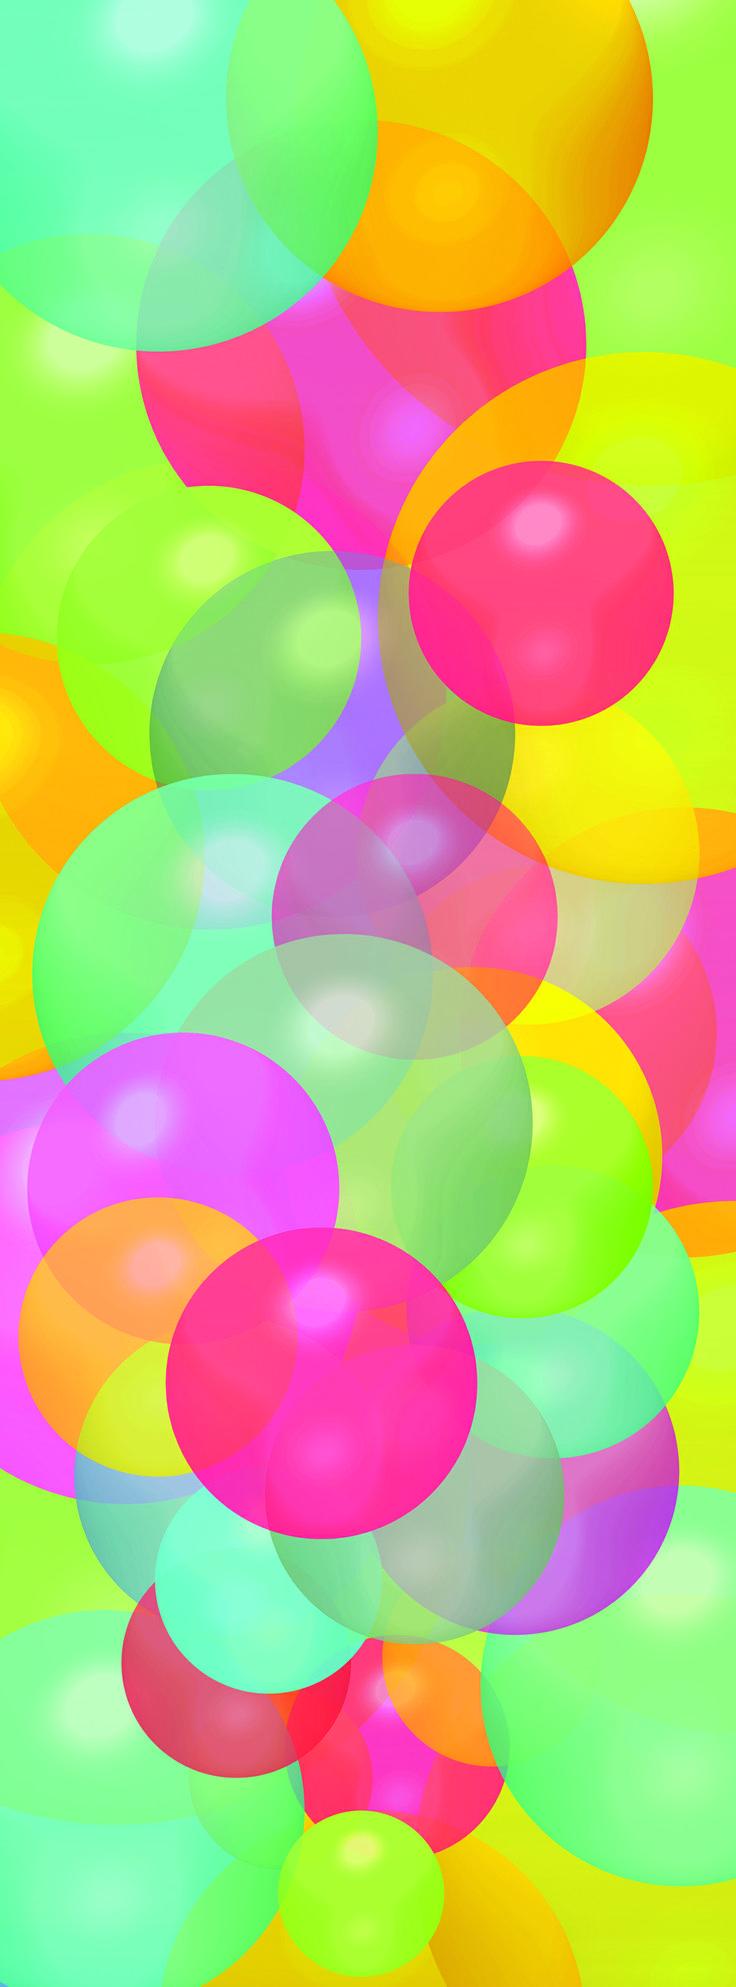 Dreidimensional und kunterbunt zeigen sich diese seifenblasenähnlichen Ballone von ihrer besten Seite und sorgen garantiert für leicht irritierte und neidische Blicke. Dieser Eyecatcher ist ein Panel auf 1x2,70 Metern und entpuppt sich auf einer Bahn. https://www.rasch-tapeten.de/articledetail/shoparticle/893632/shop/catalog/product/view/5409/30_days_by_markus_benesch/